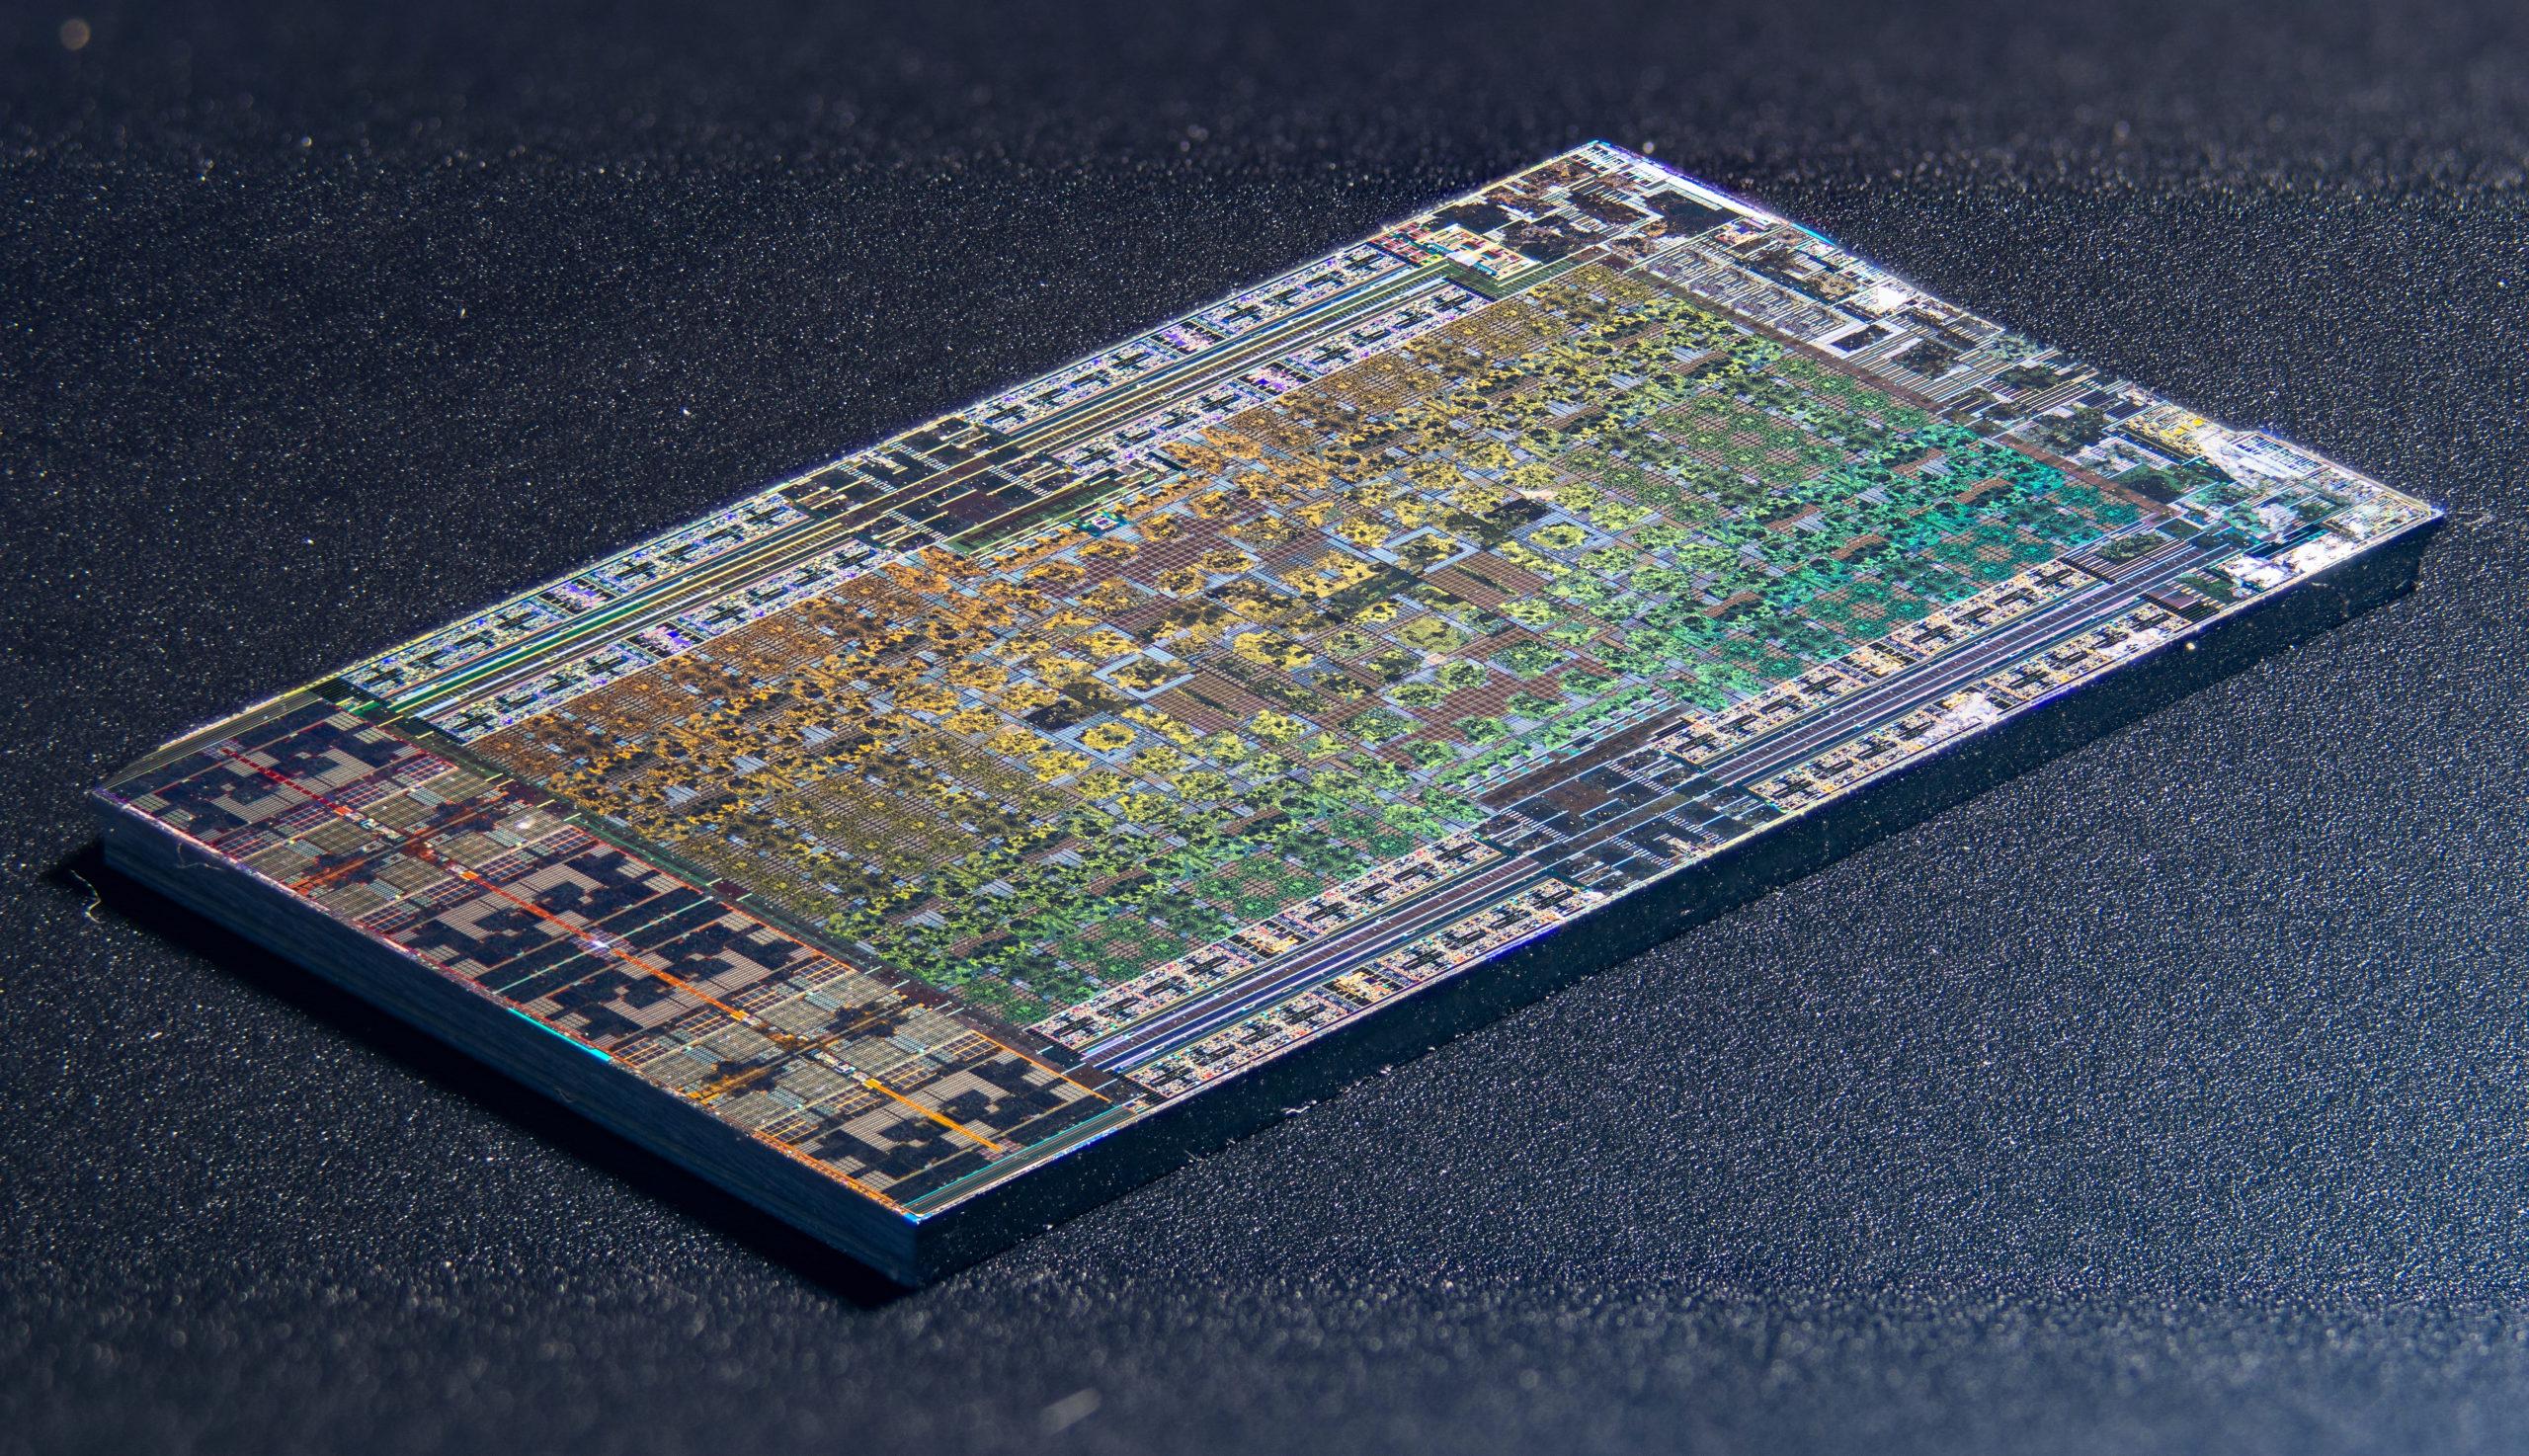 SoC PS5 2